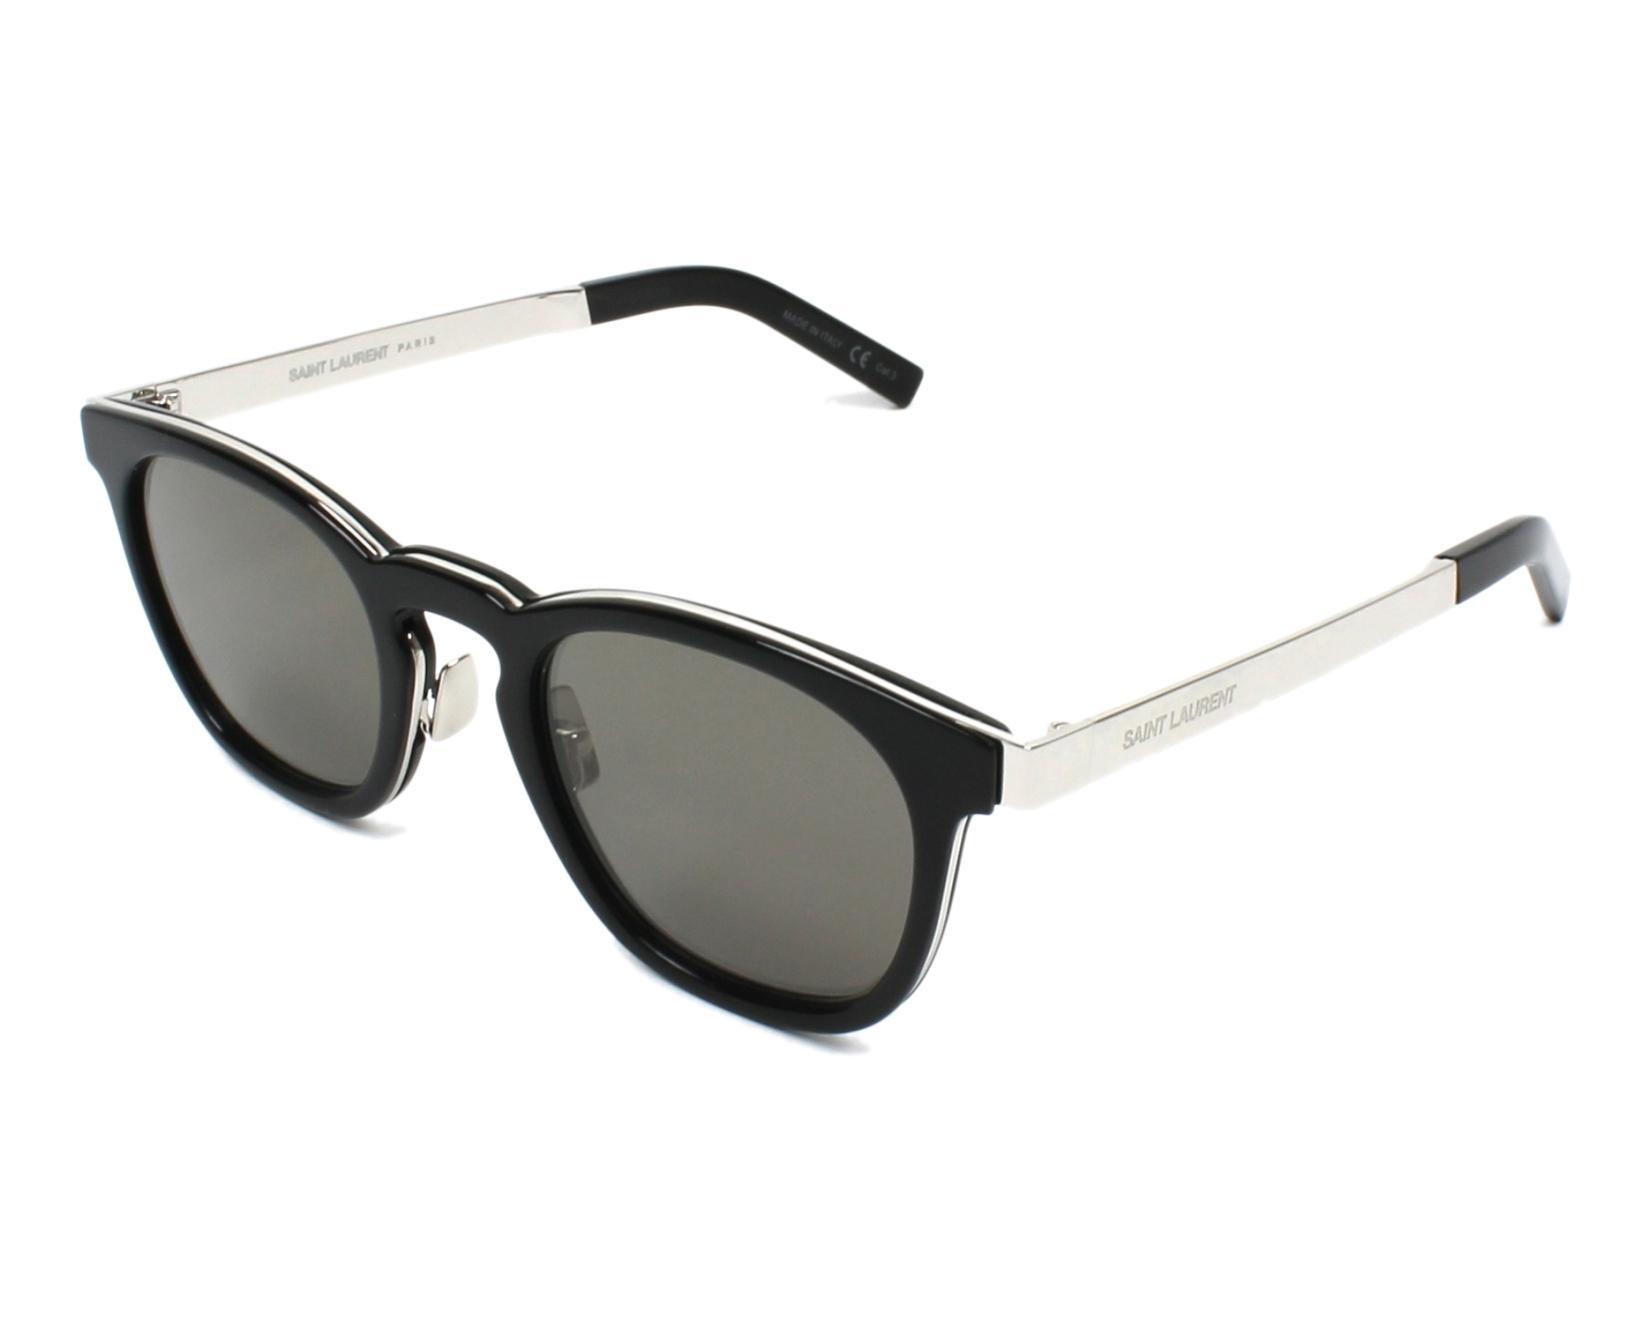 0491d2a1408 Sunglasses Yves Saint Laurent SL-28 001 49-23 Black Silver profile view